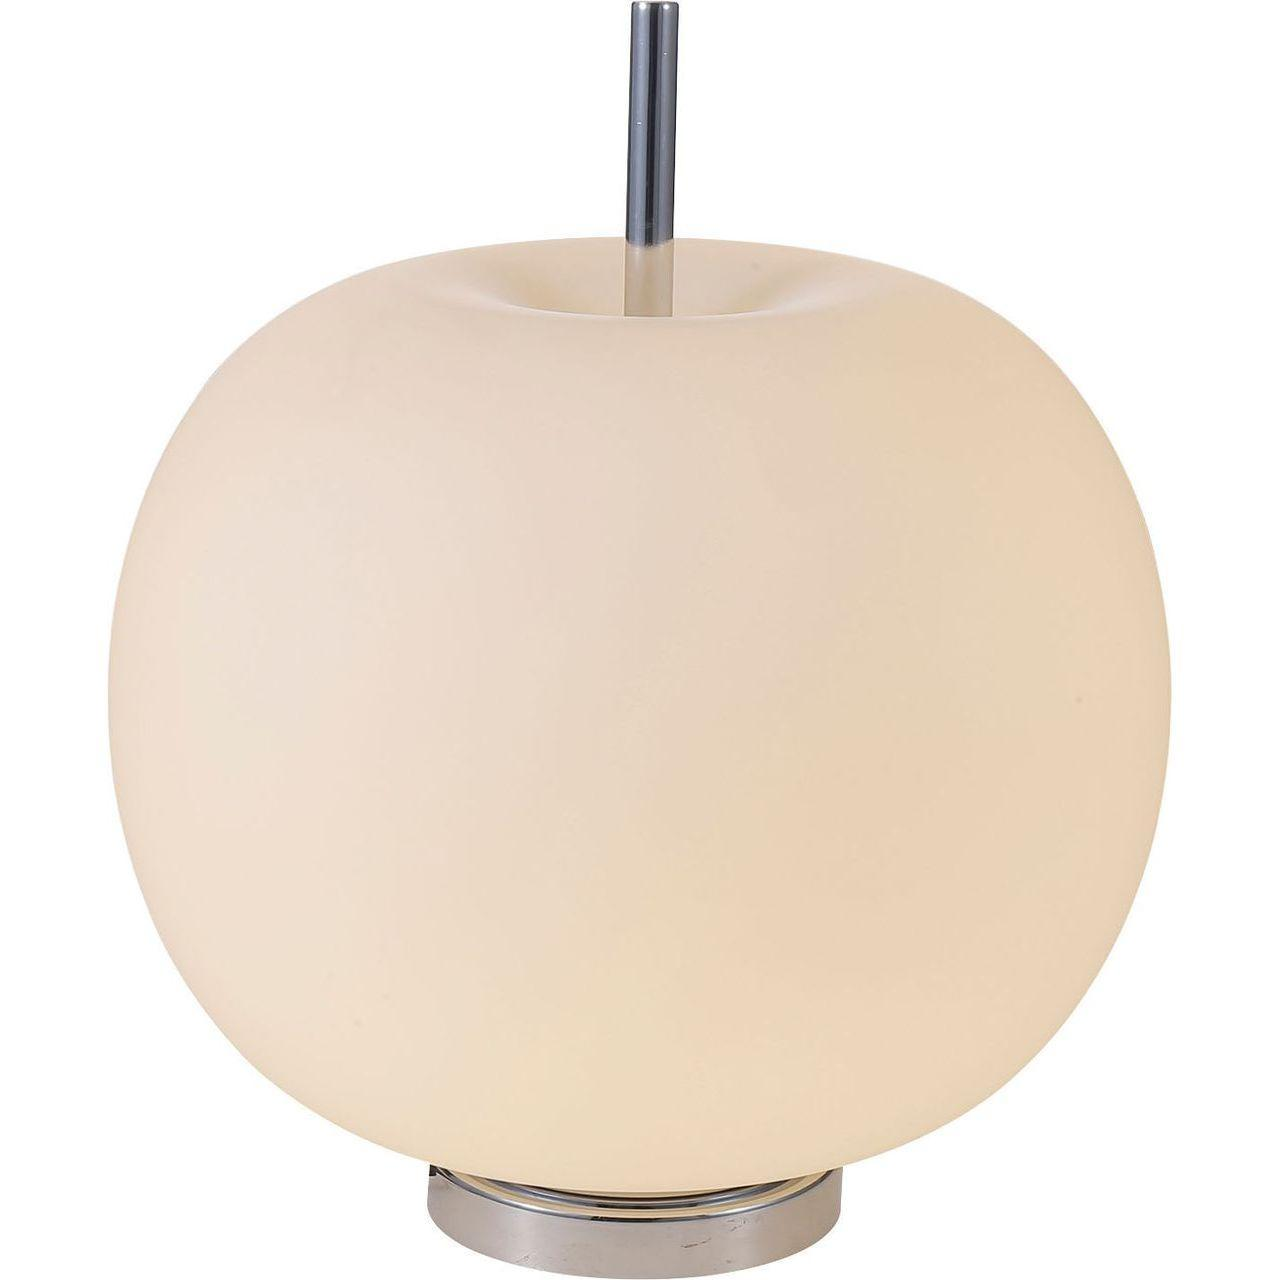 Настольная лампа Spot Light Apple 9962102 настольная лампа spot light fino 7020128